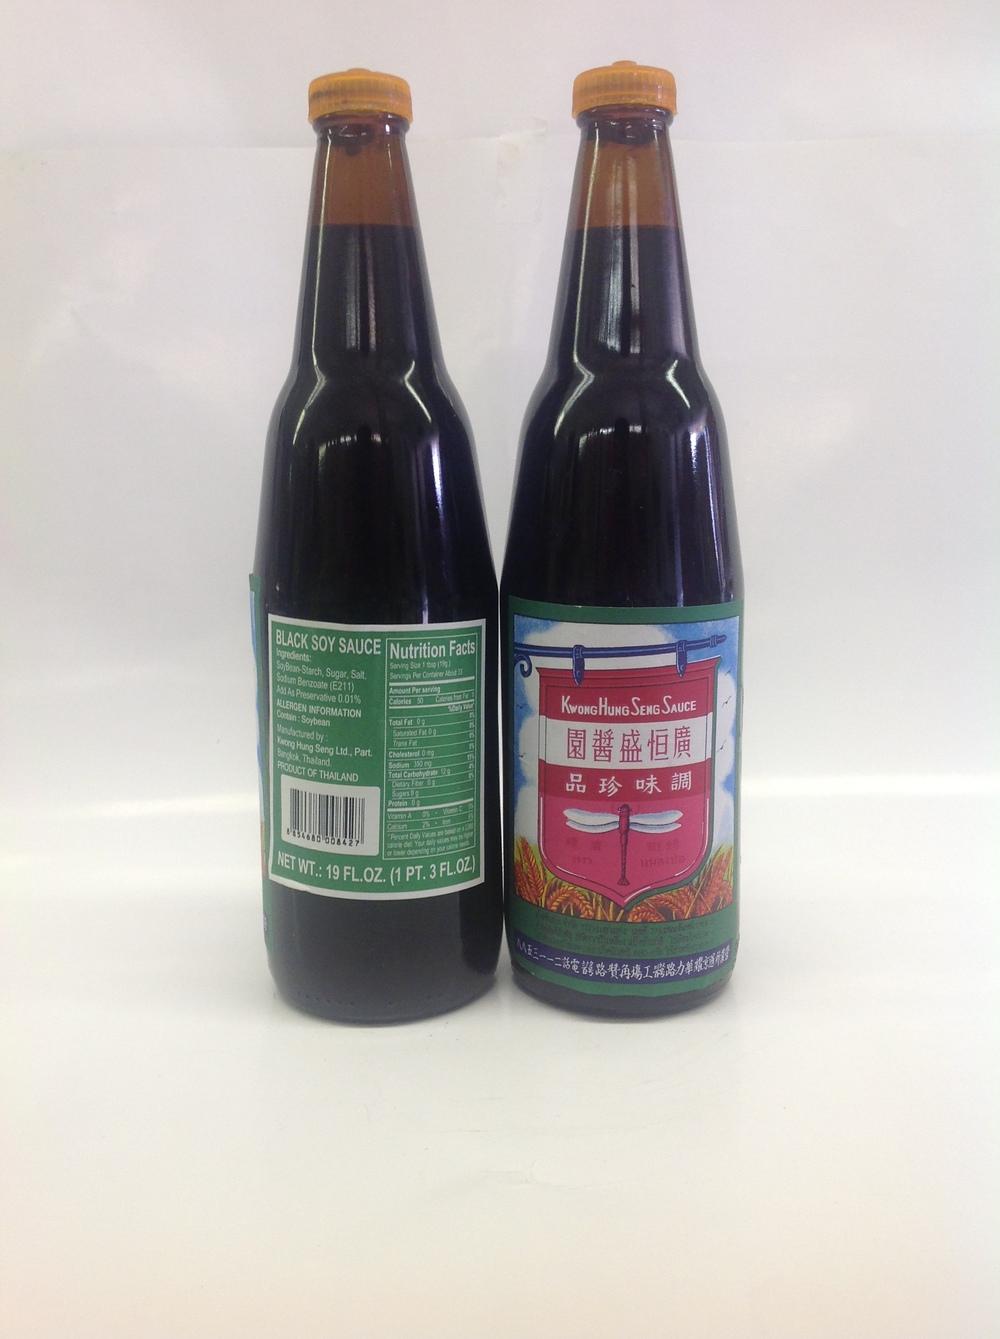 Black Soy Sauce   K.H.S.   SA11243 12x19 oz